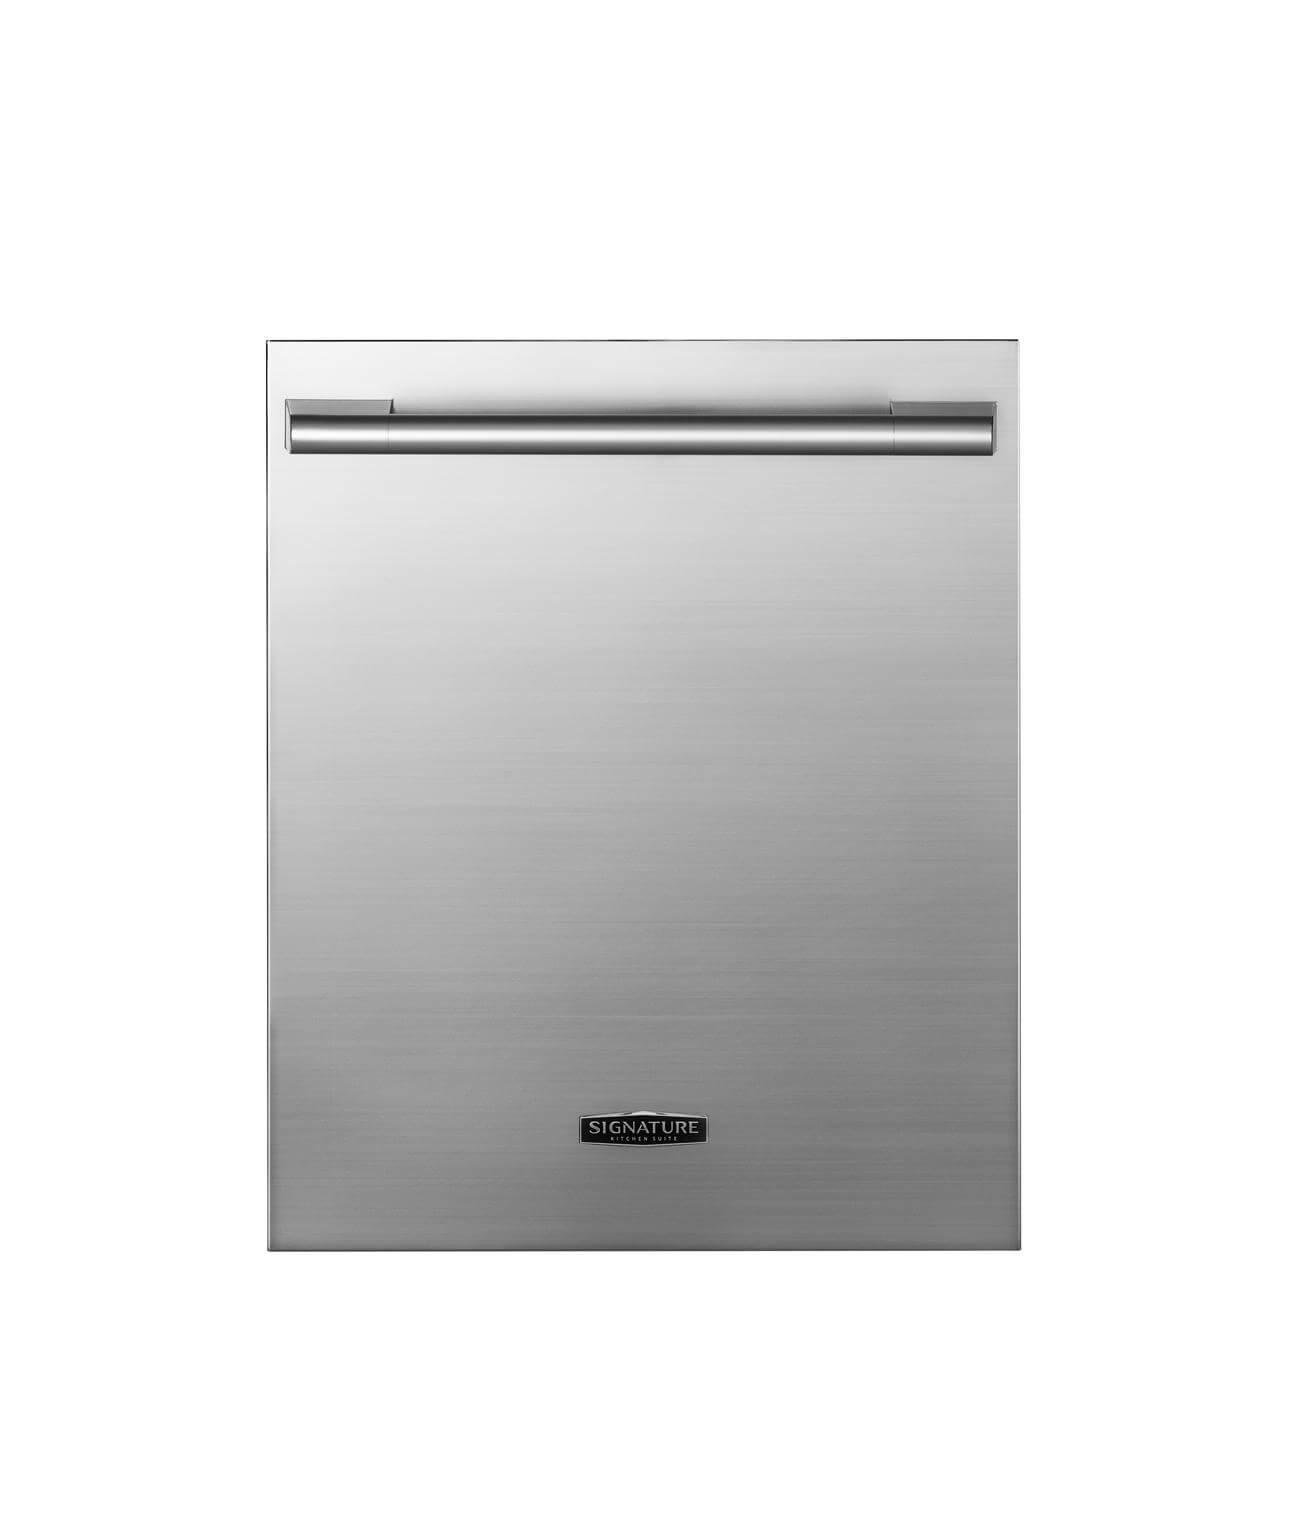 PowerSteam(R) Stainless Steel Dishwasher